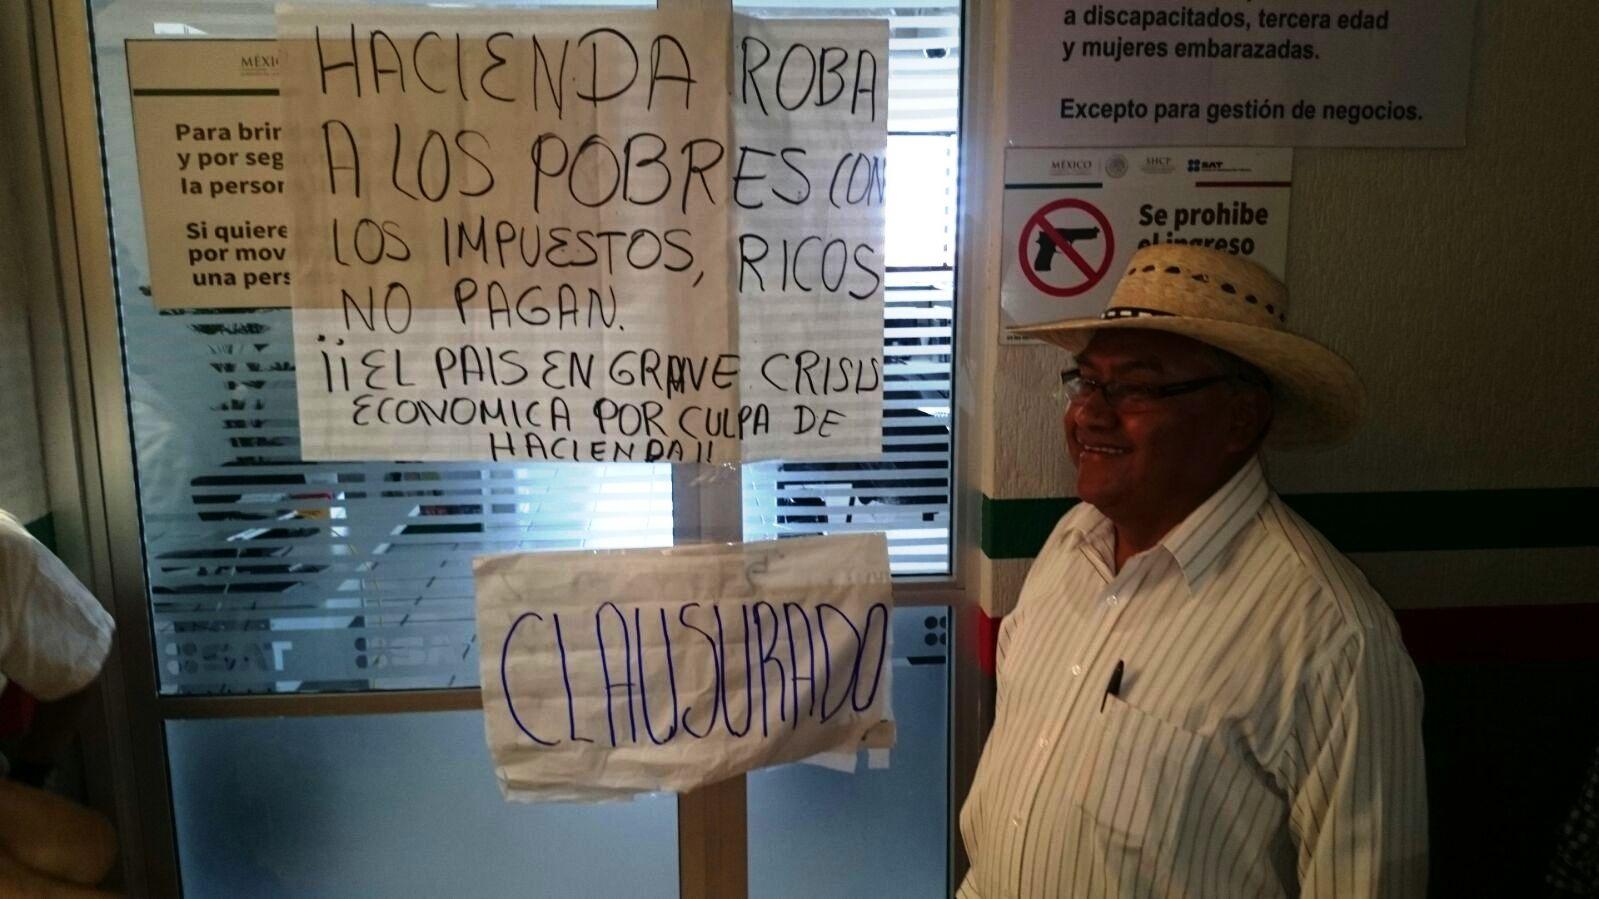 La aplicación del Impuesto Sobre la Renta (ISR) a todo tipo de bonos y prestaciones de los trabajadores del Estado generó la manifestación.